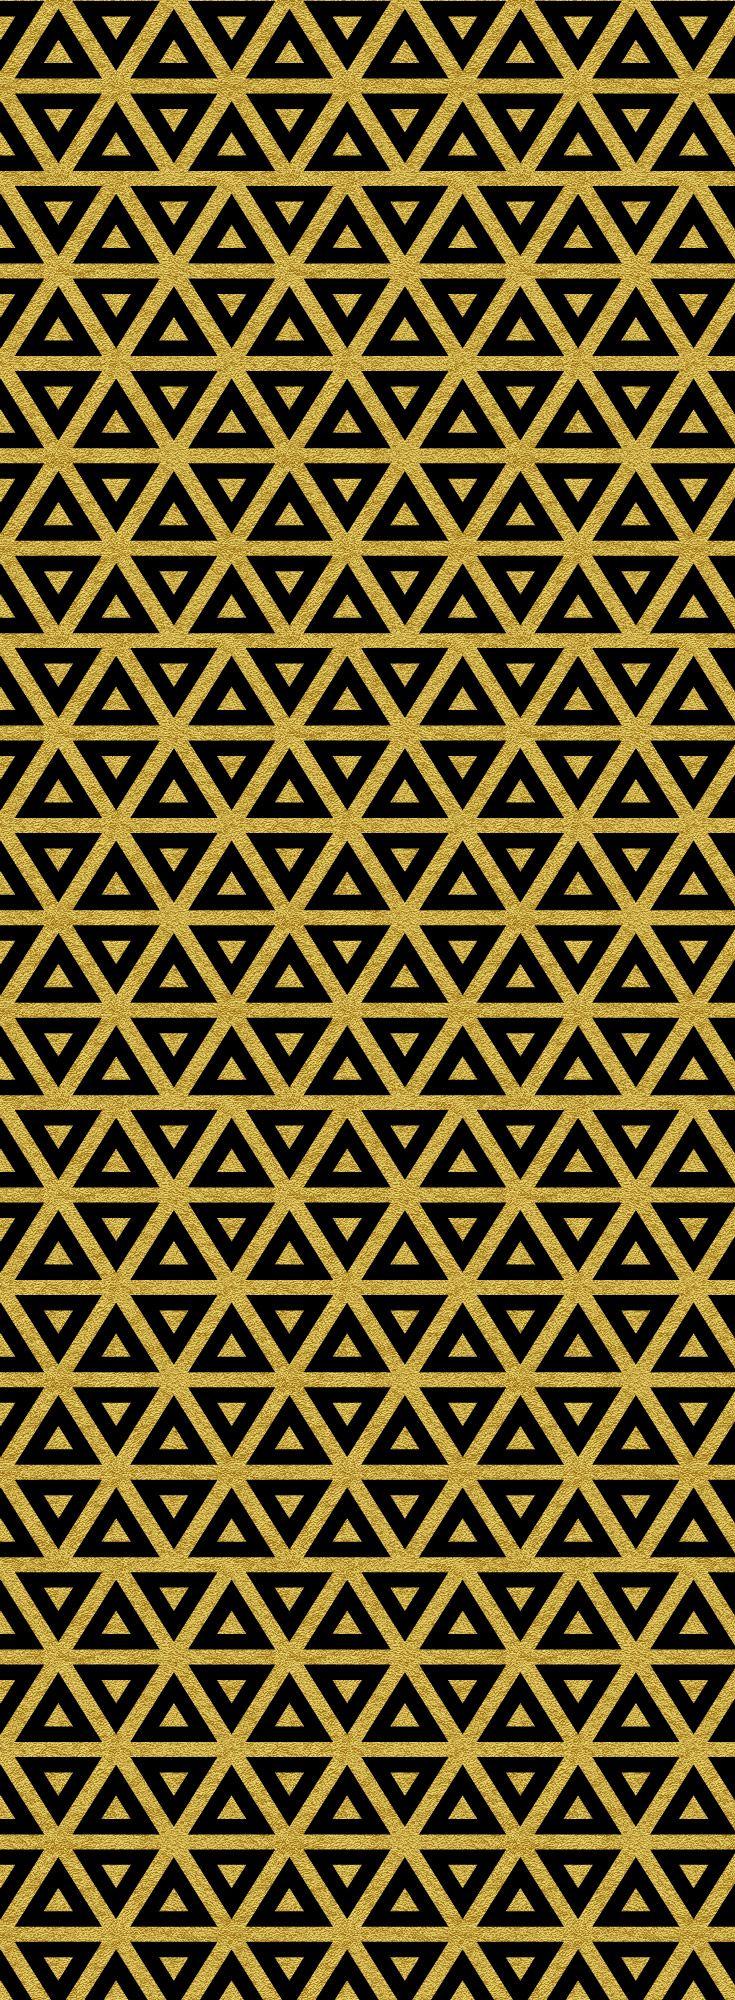 Best 25+ Metallic wallpaper ideas only on Pinterest | Gold ...